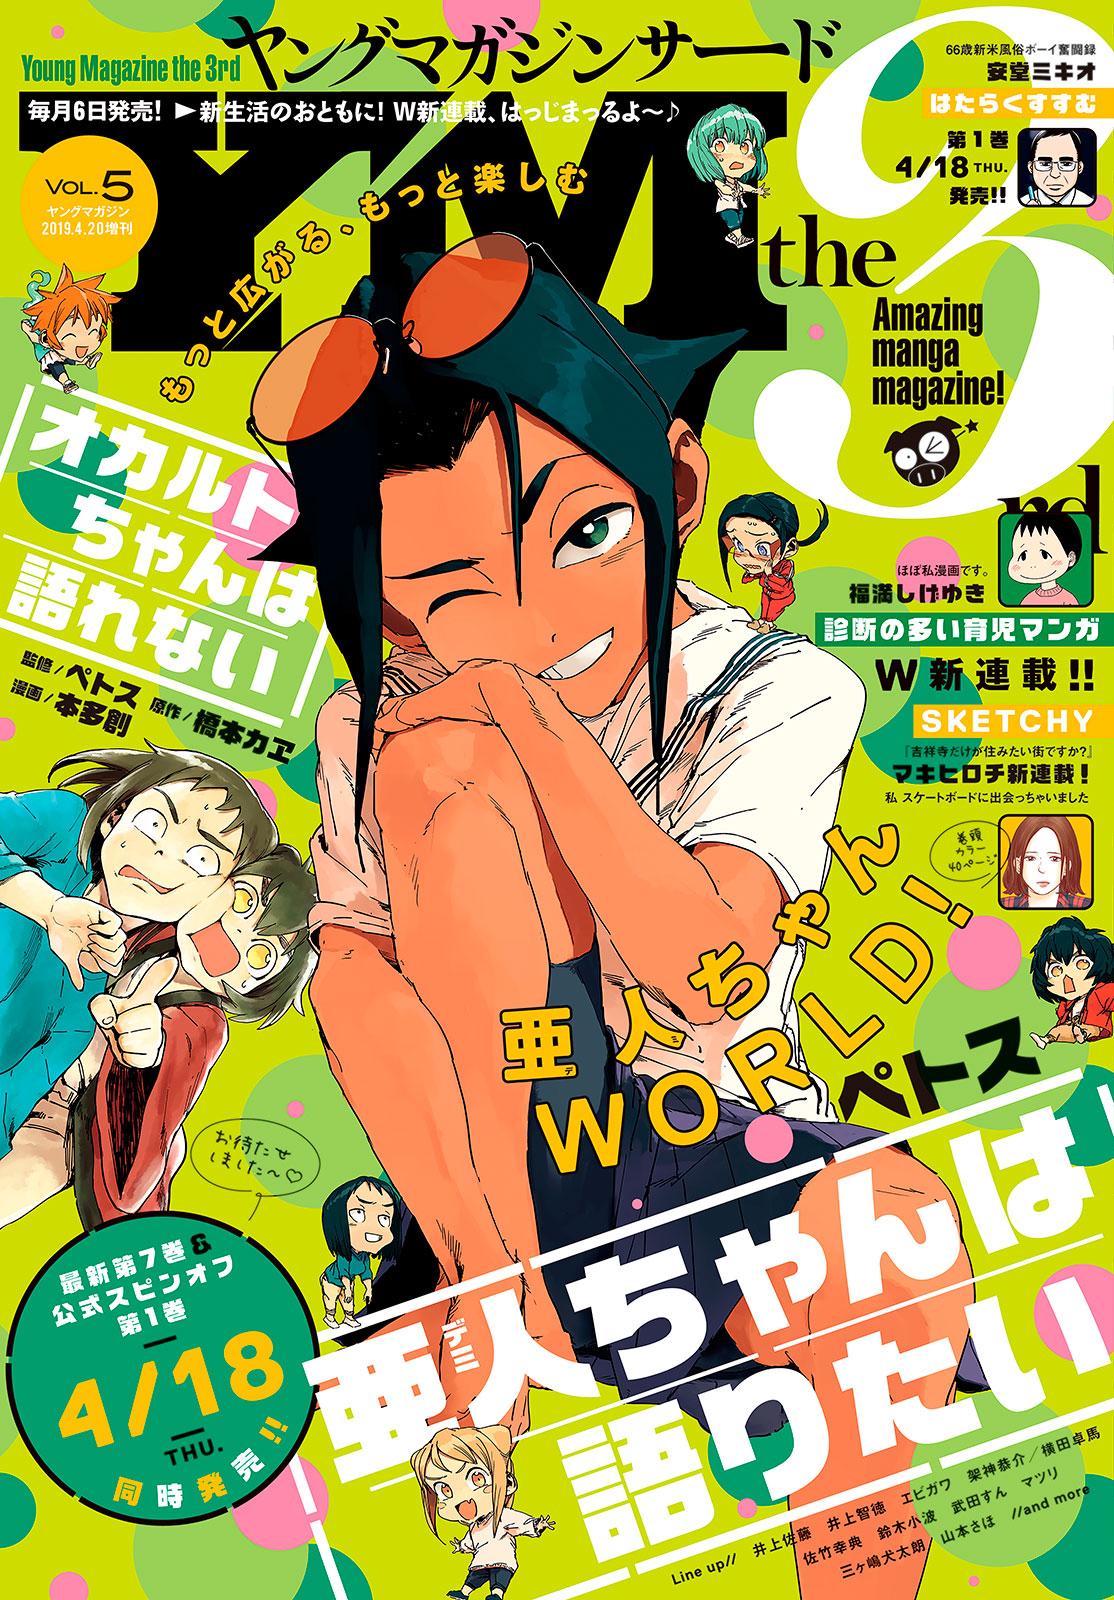 ヤングマガジン サード 2019年 Vol.5